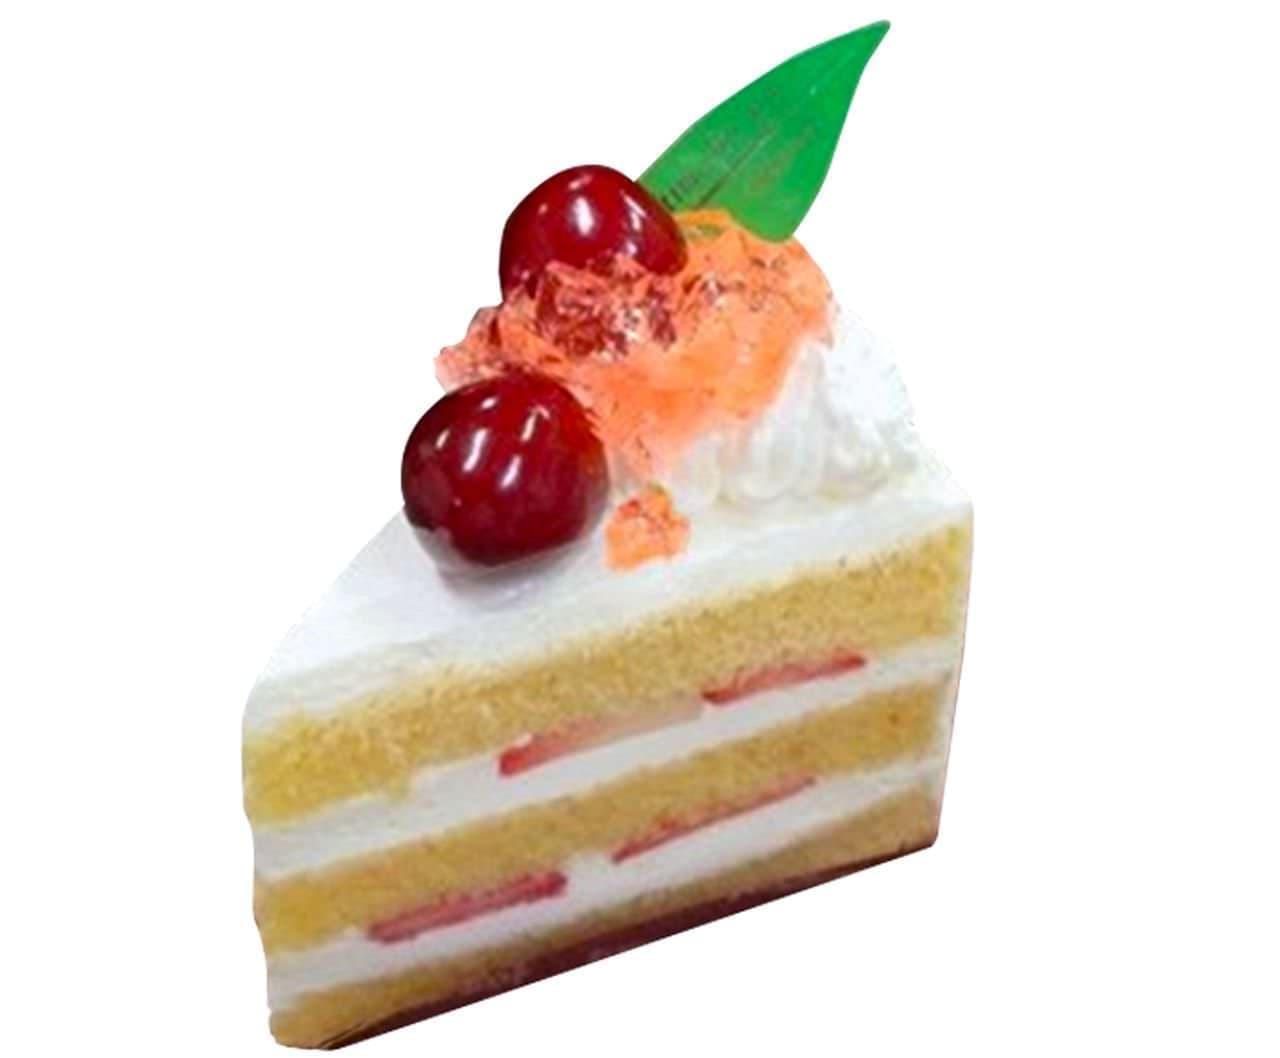 シャトレーゼ「アメリカンチェリーと苺のプレミアムショートケーキ」